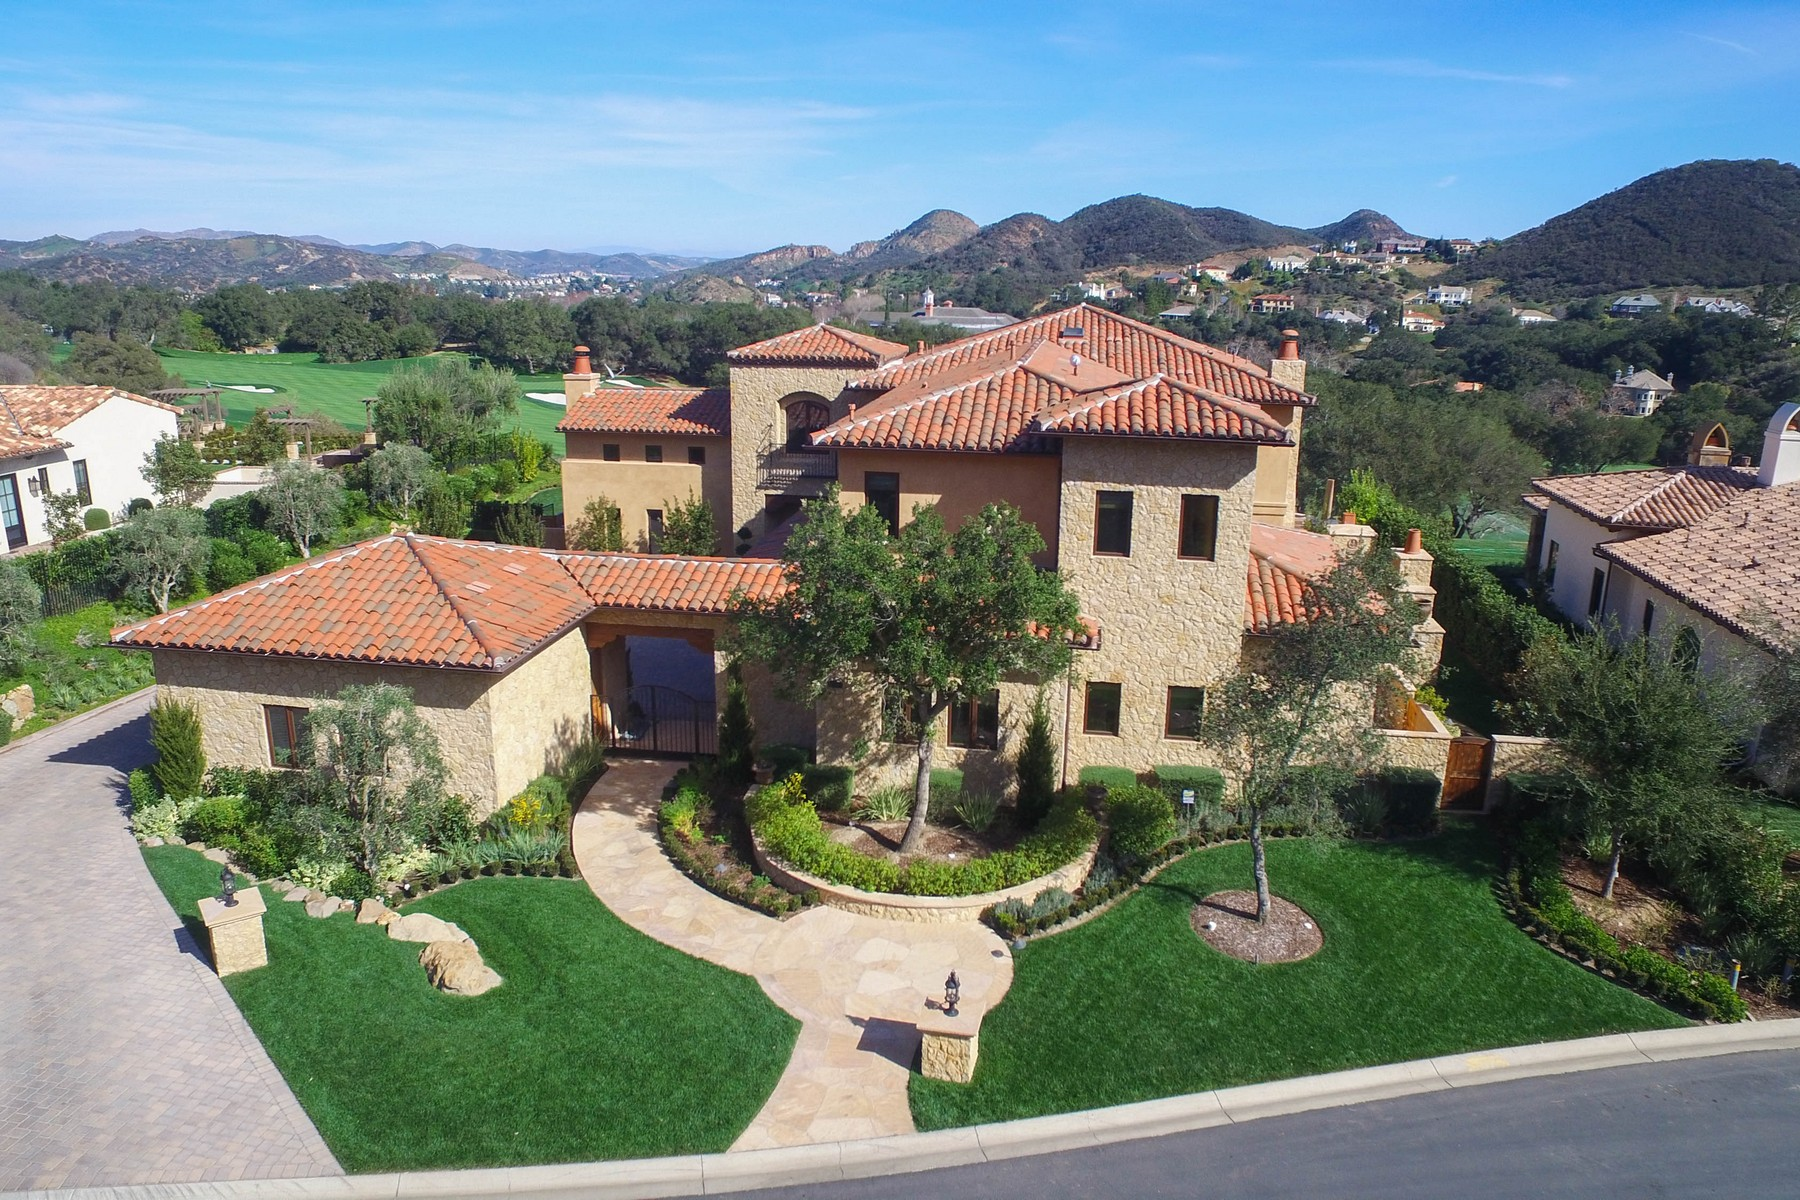 Casa Unifamiliar por un Venta en Ladbrook Way 2550 Ladbrook Way Thousand Oaks, California, 91361 Estados Unidos